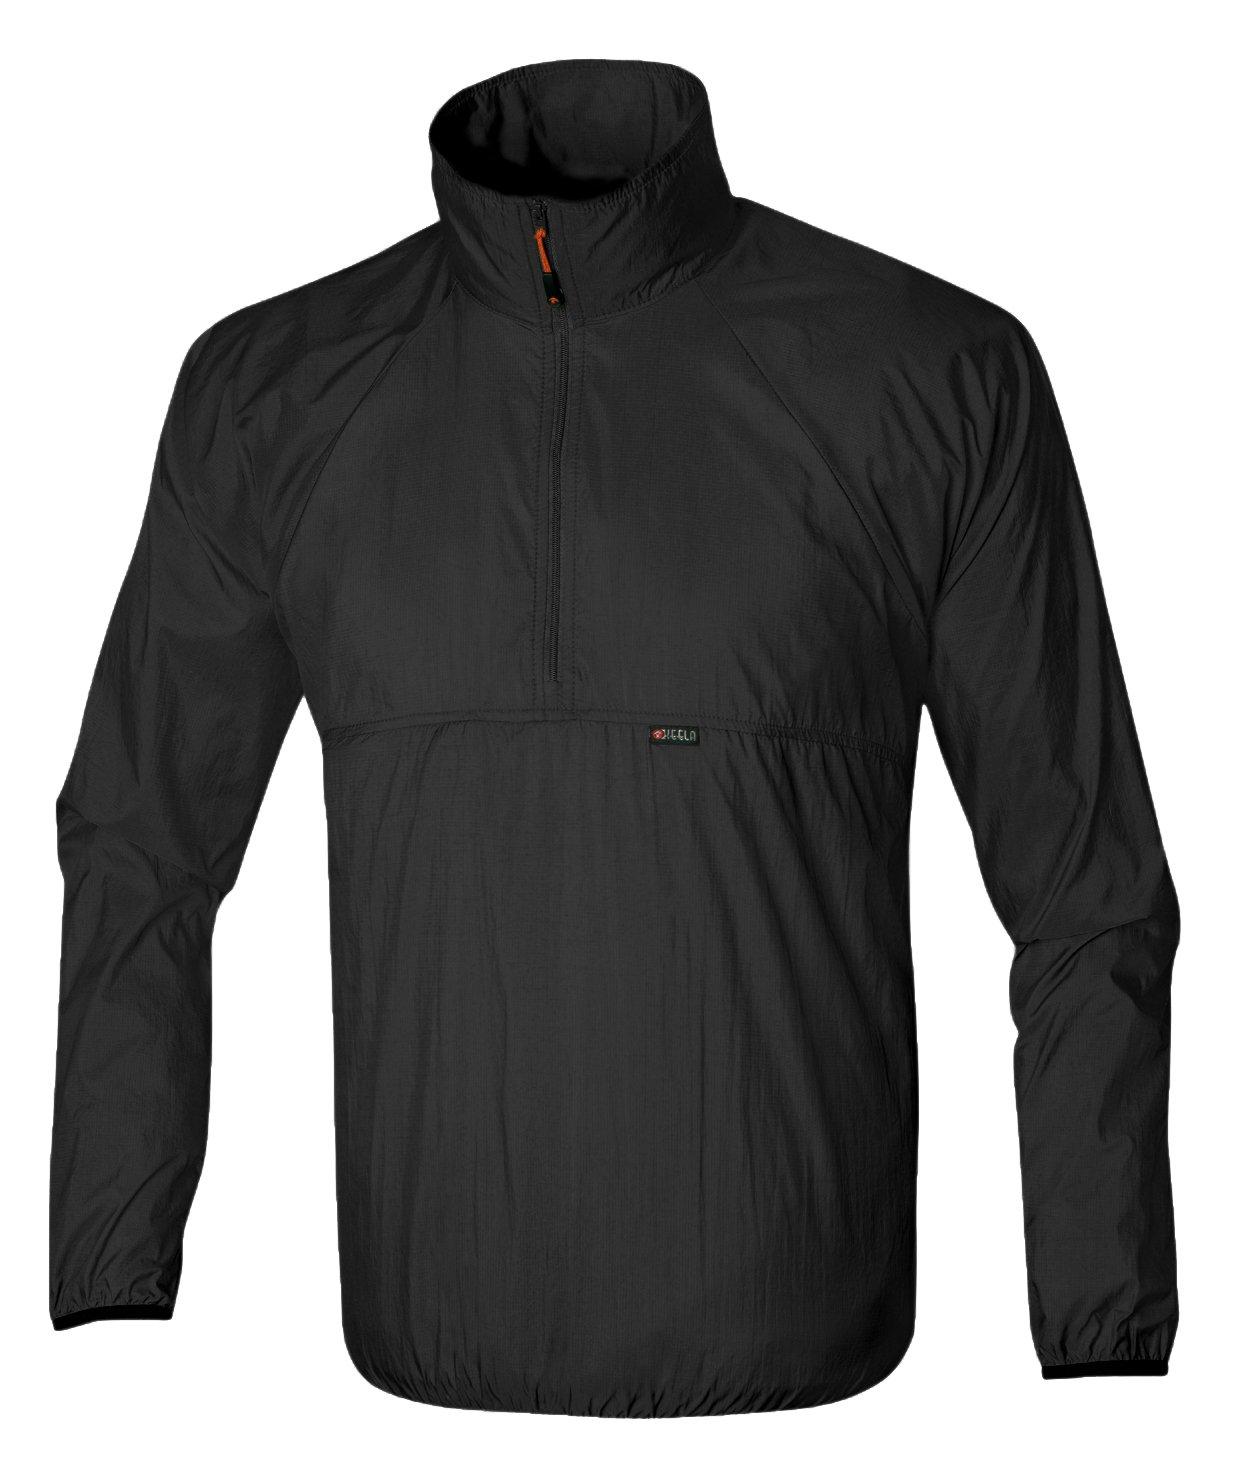 321de91a7912 Keela Men s Stash Away Pro Waterproof Jacket  Amazon.co.uk  Sports ...